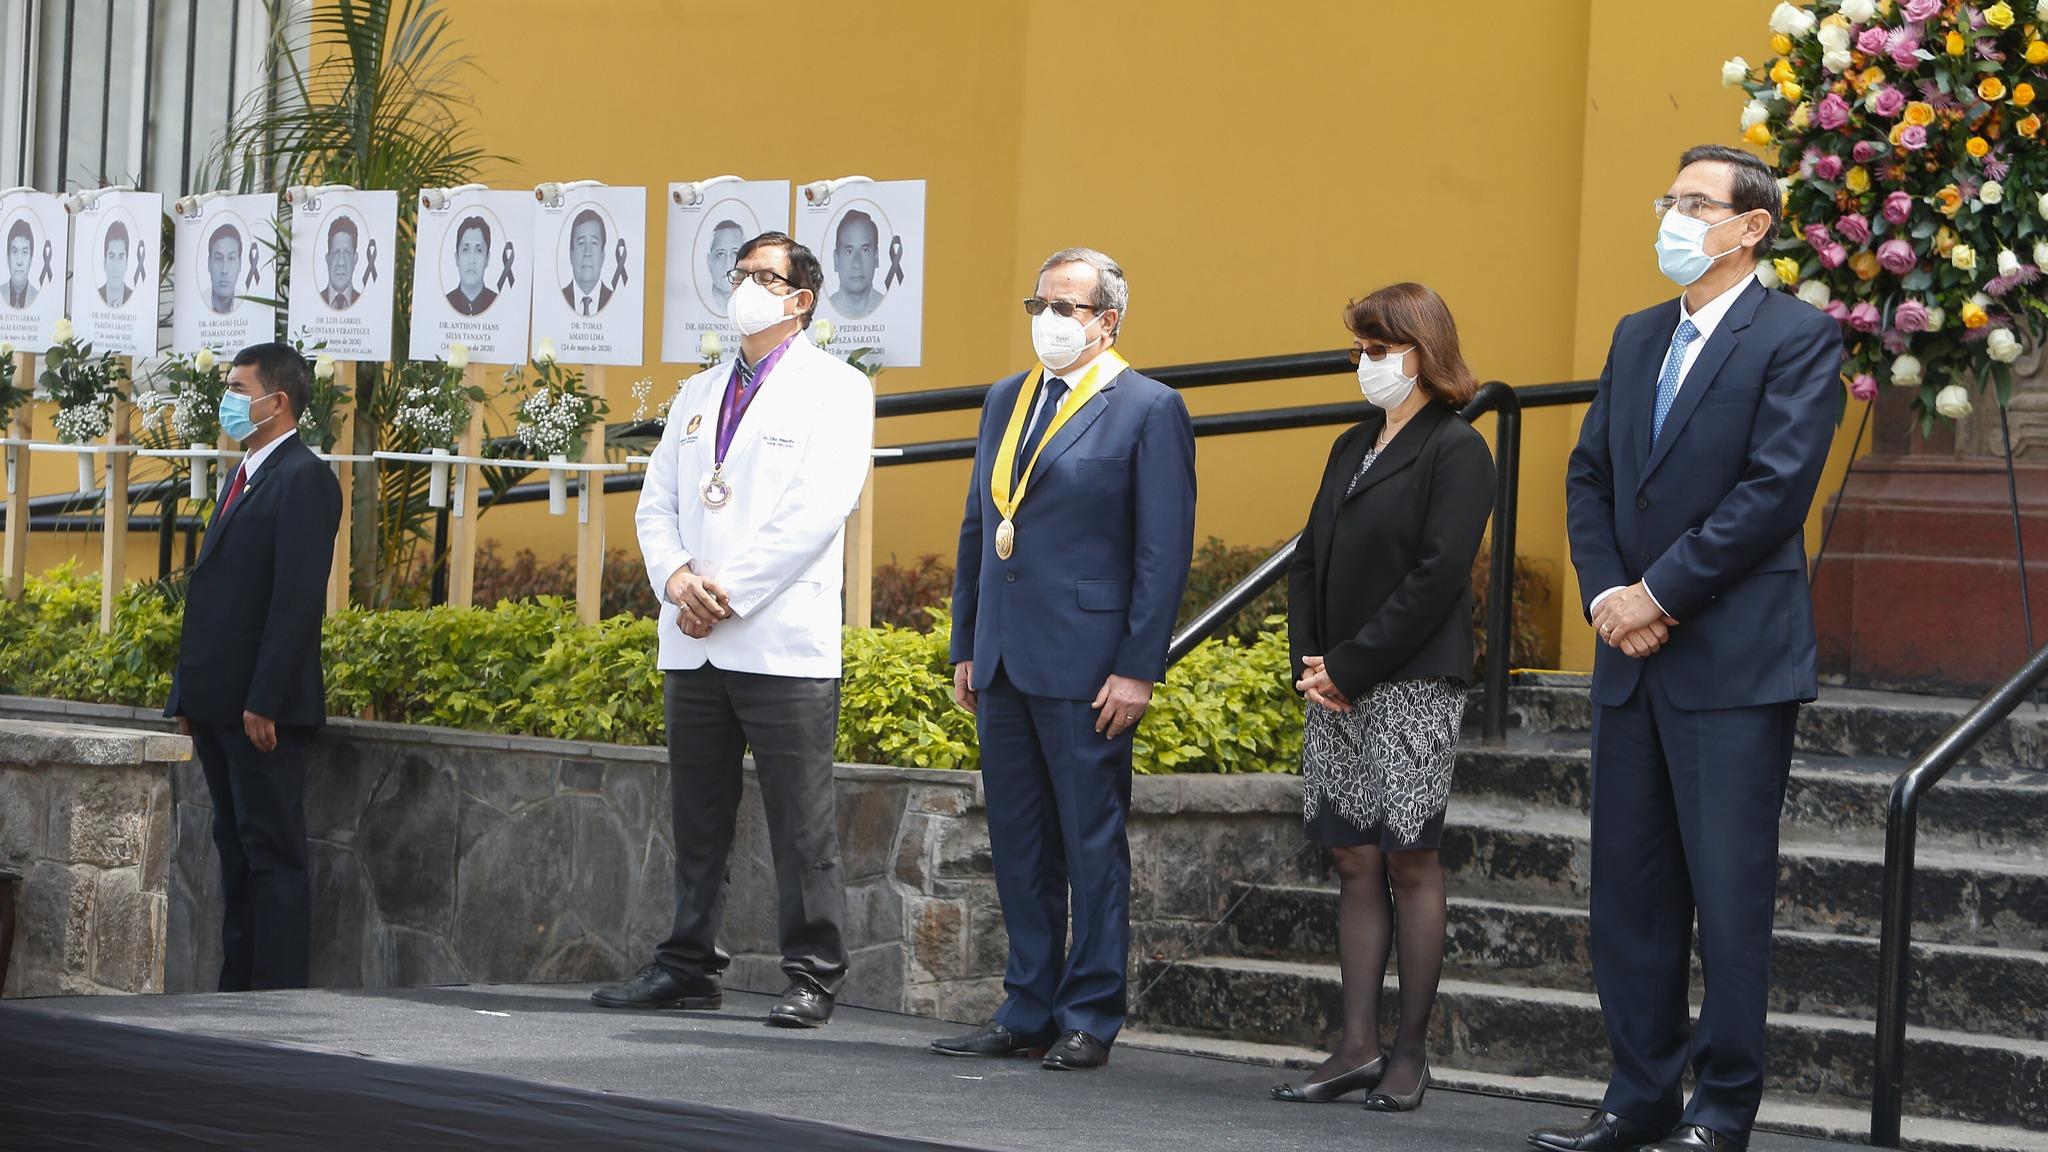 El Perú inauguró el Obelisco en Homenaje a los médicos fallecidos por el COVID-19.